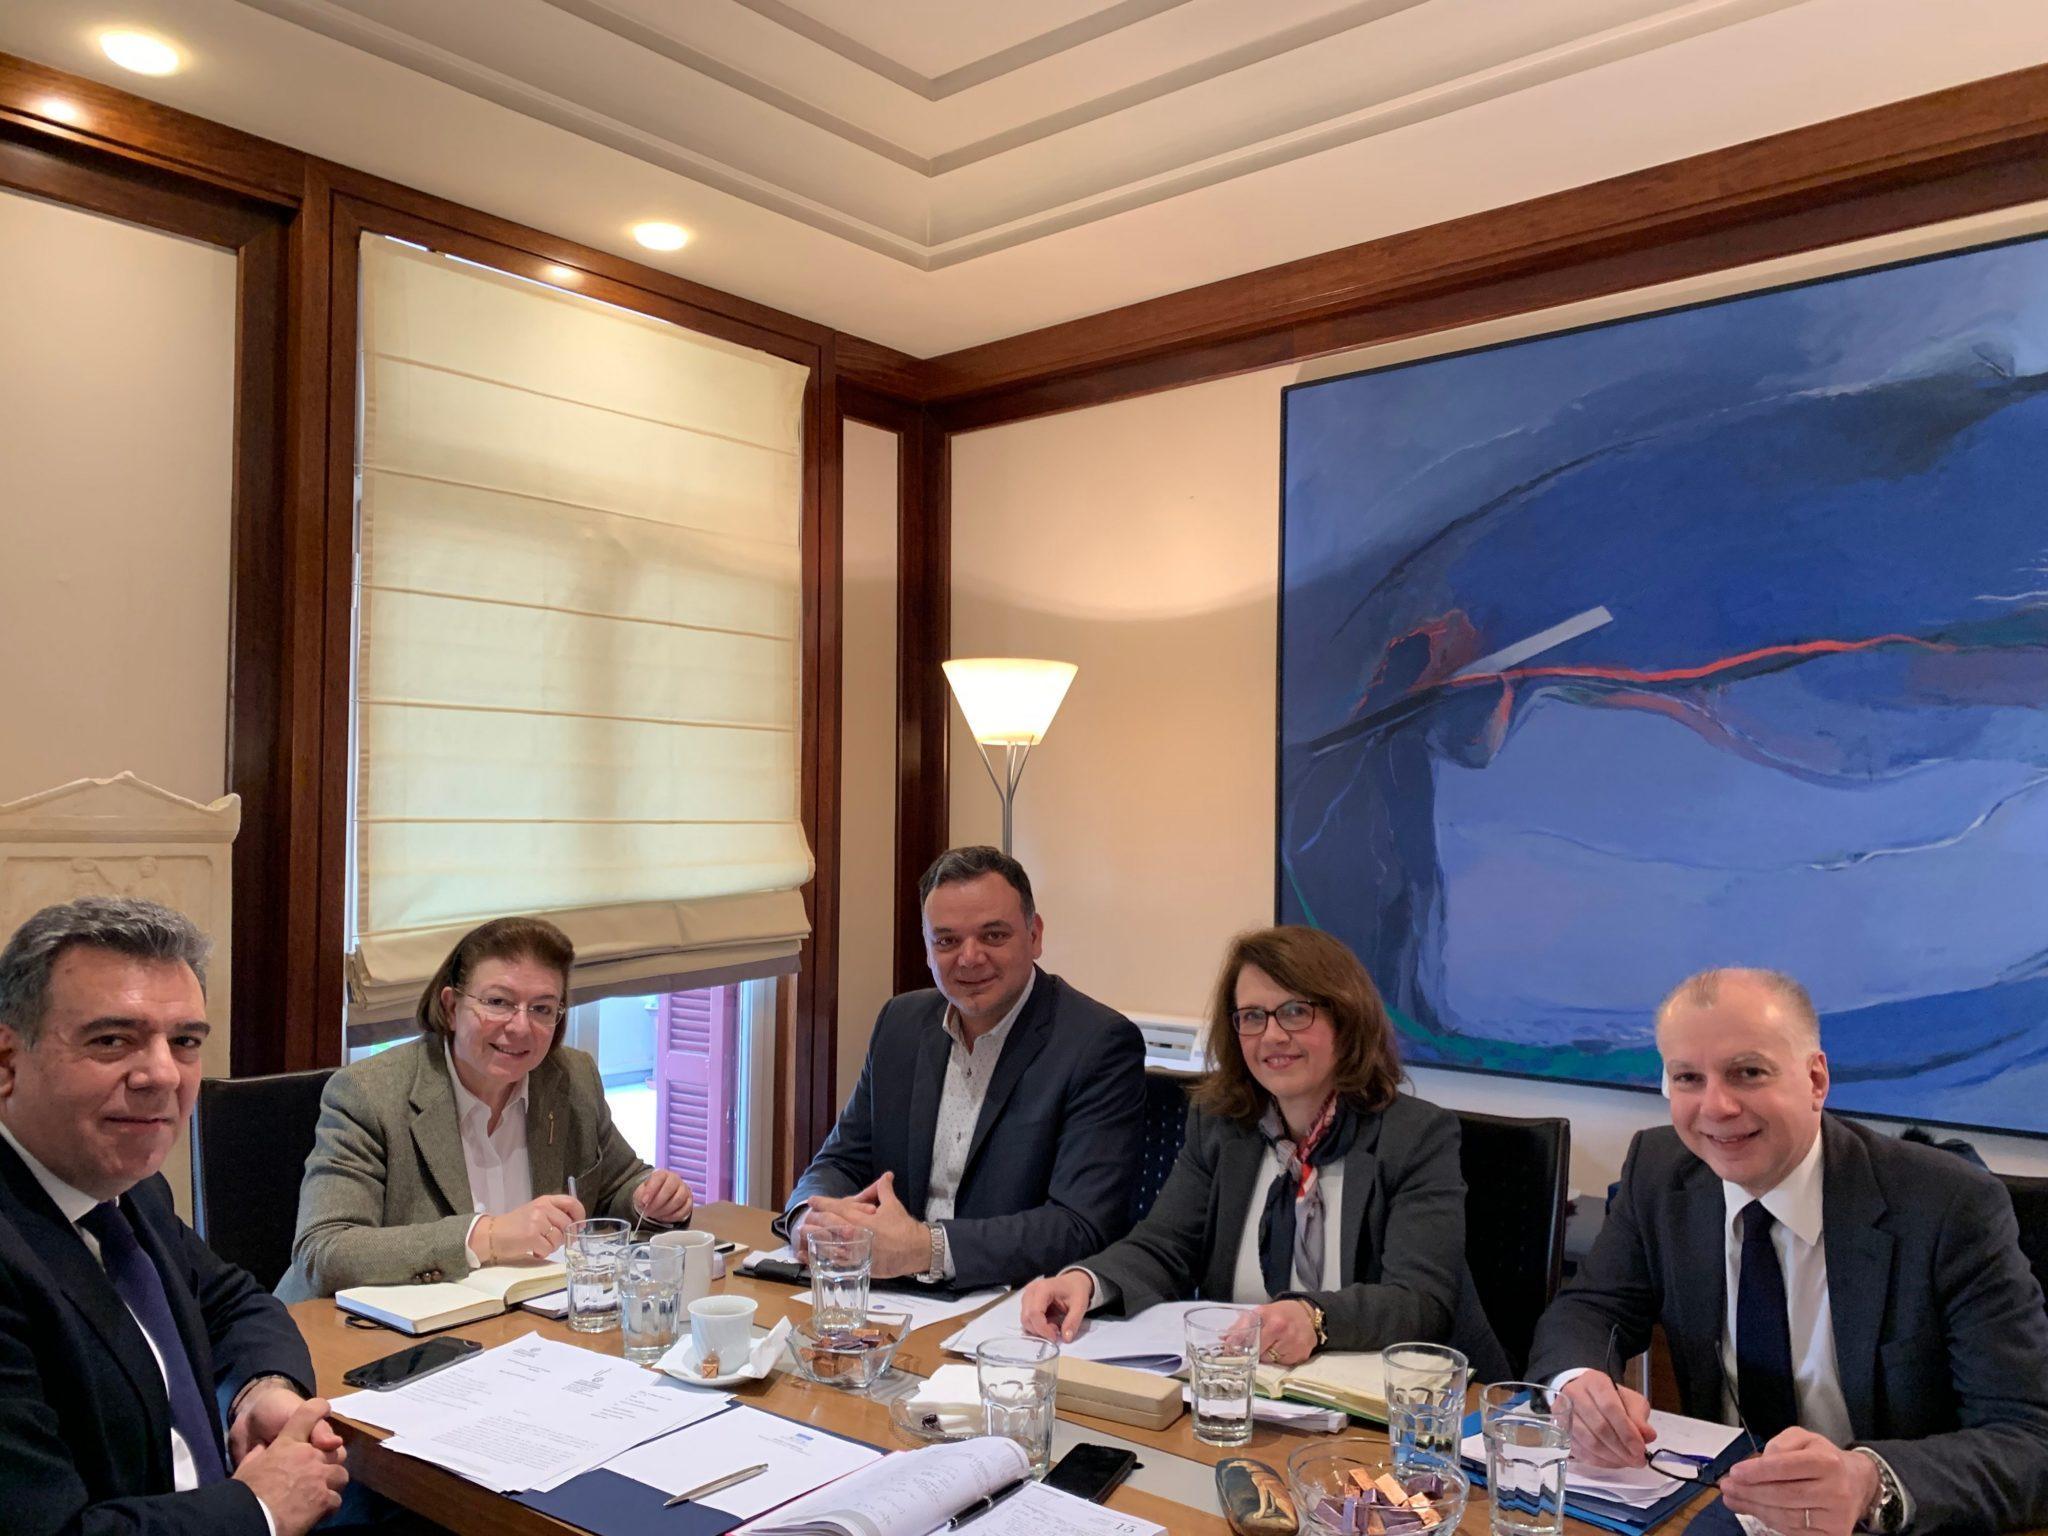 Προγραμματική σύμβαση ΥΠΠΟΑ – Περιφέρειας Ν. Αιγαίου – Δήμου Ρόδου για την ανάδειξη της Μεσαιωνικής Πόλης της Ρόδου